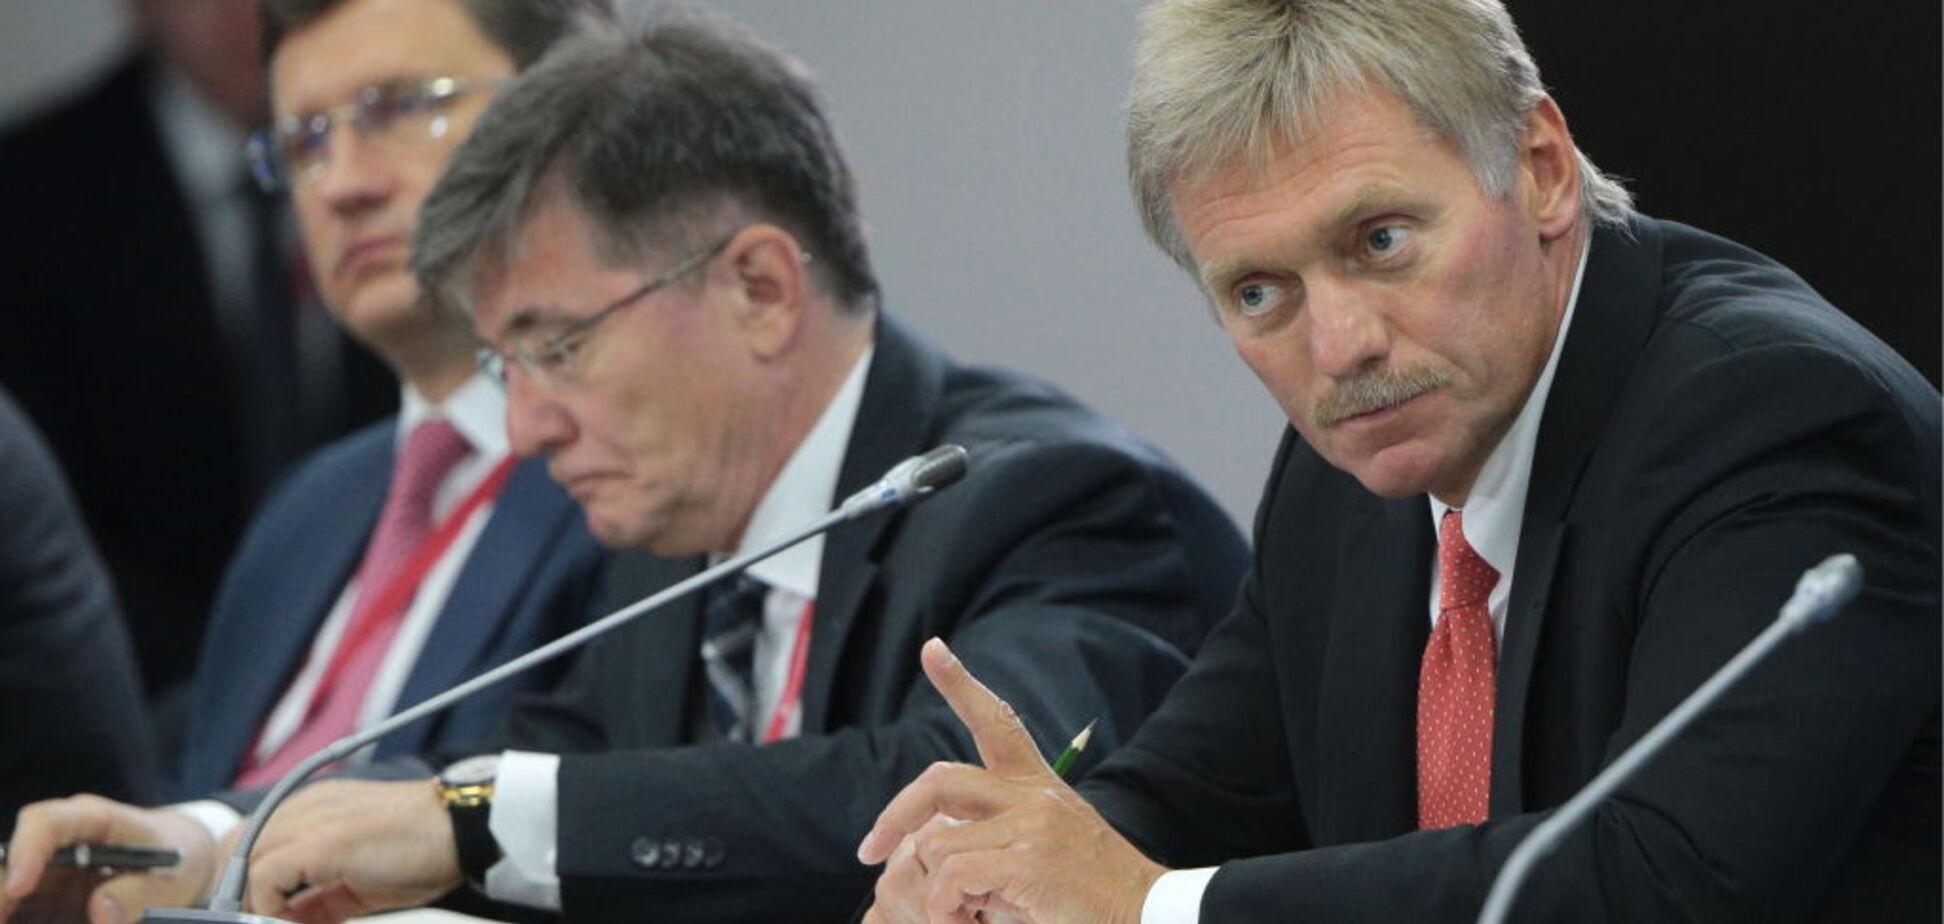 Отказ России от поддержки 'Л/ДНР': в Кремле отреагировали на информацию СМИ